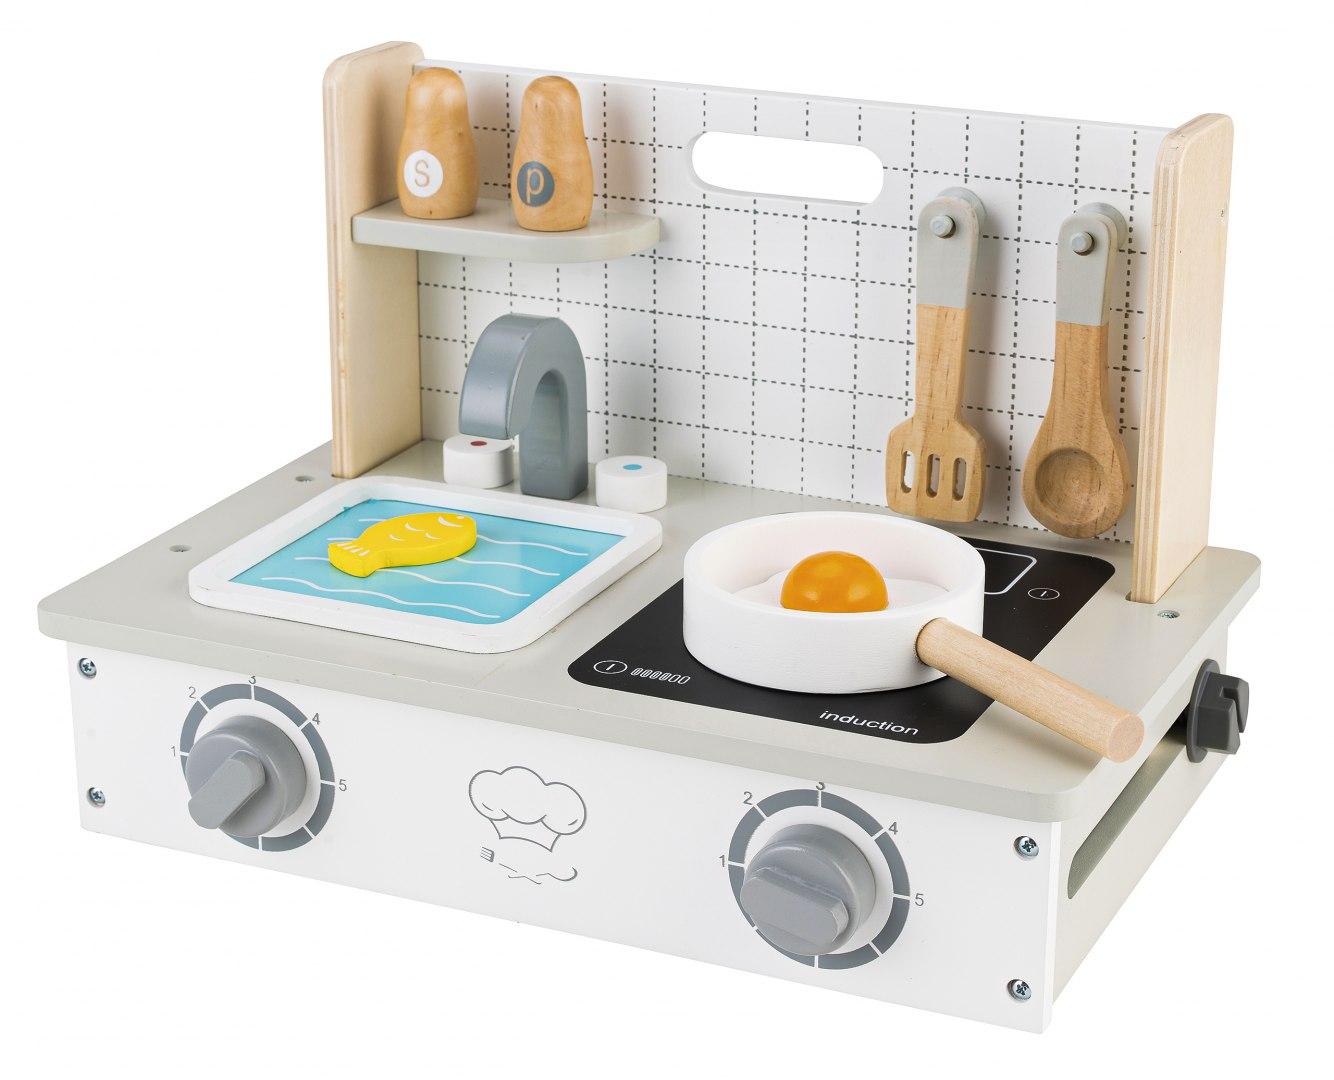 Image of Drewniana kuchenka z akcesoriami mini kuchnia